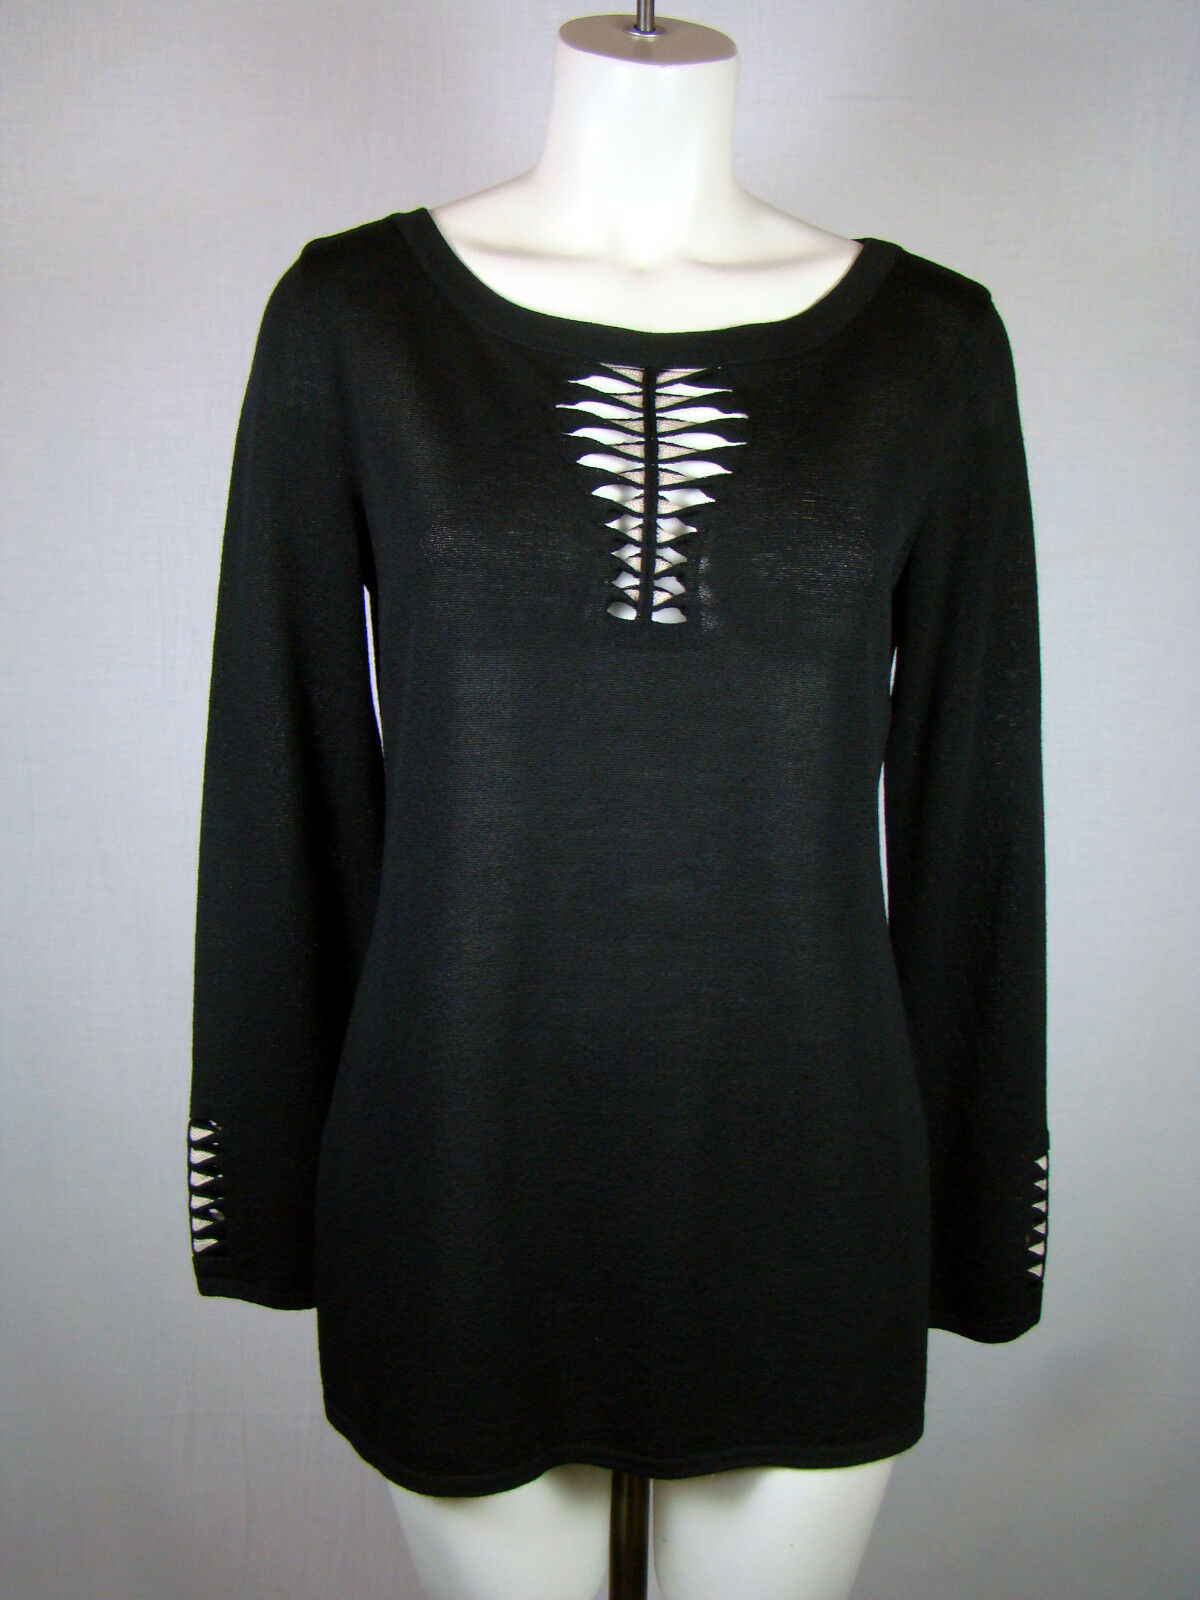 Escada schwarz Wool Blend Cutout schwarz Knit Blouse Top Shirt Größe